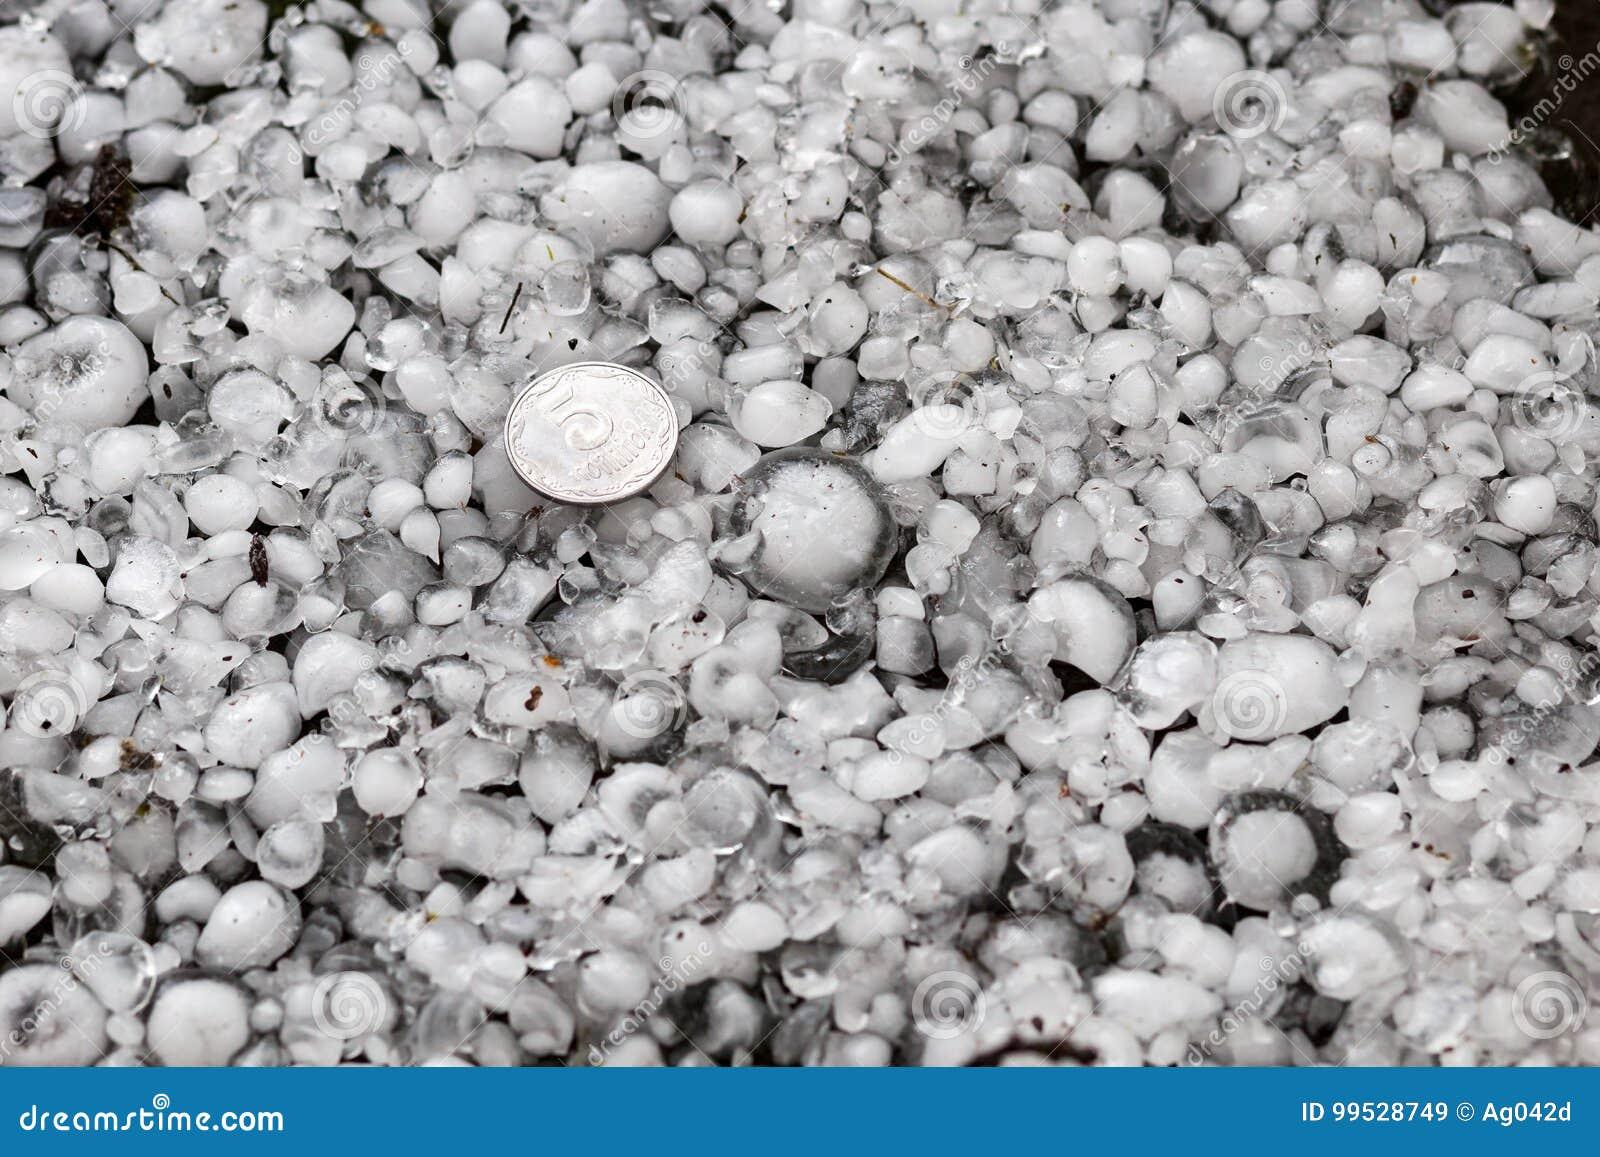 Saludo clasificado con una moneda más grande, granizos en la tierra después de la granizada, saludo del gran tamaño